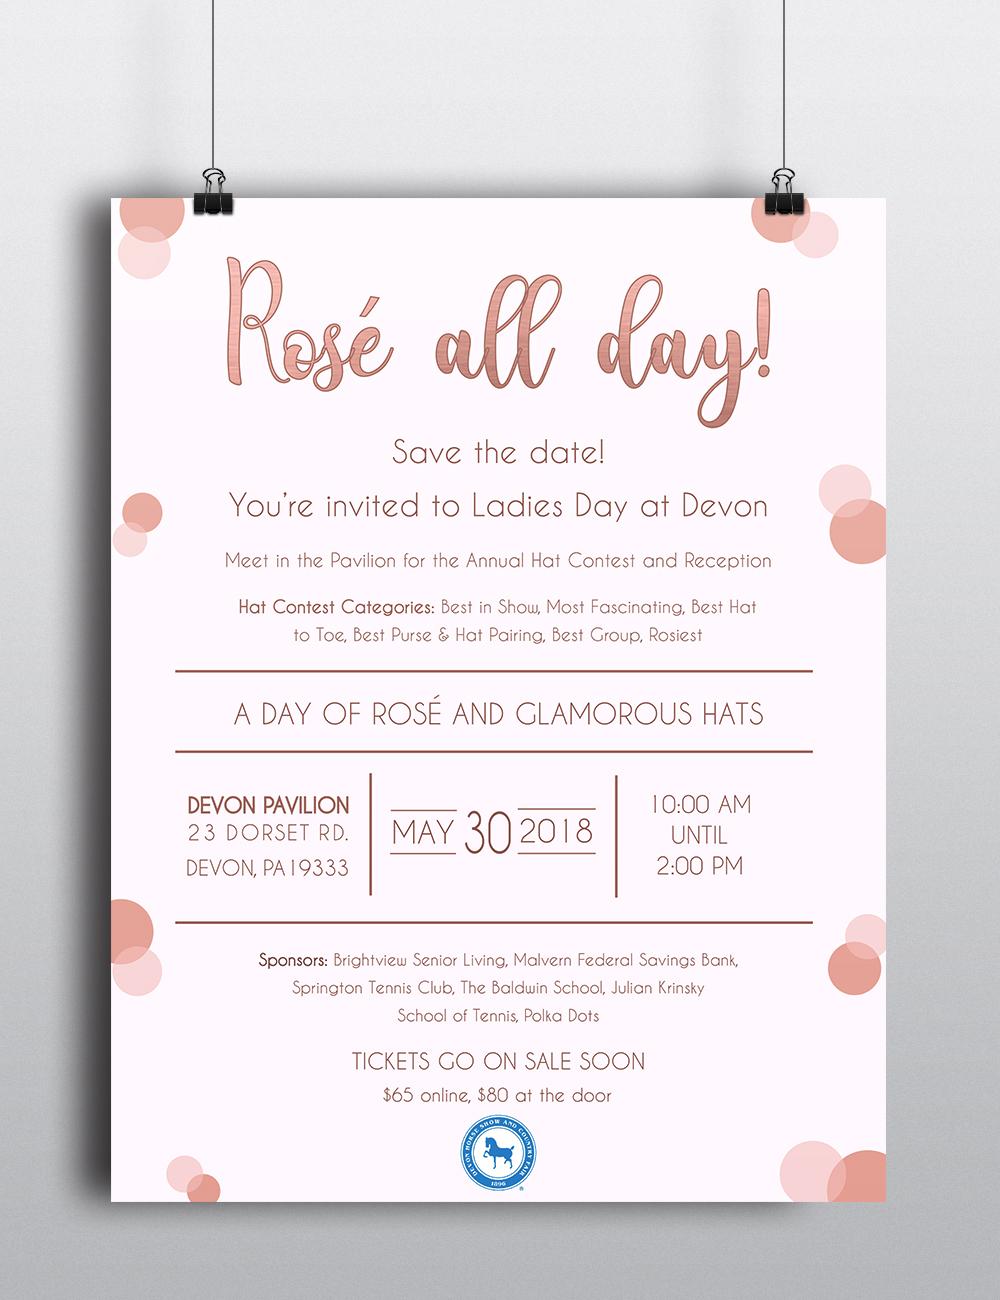 Rose-All-Day-Invite-MockUp.jpg